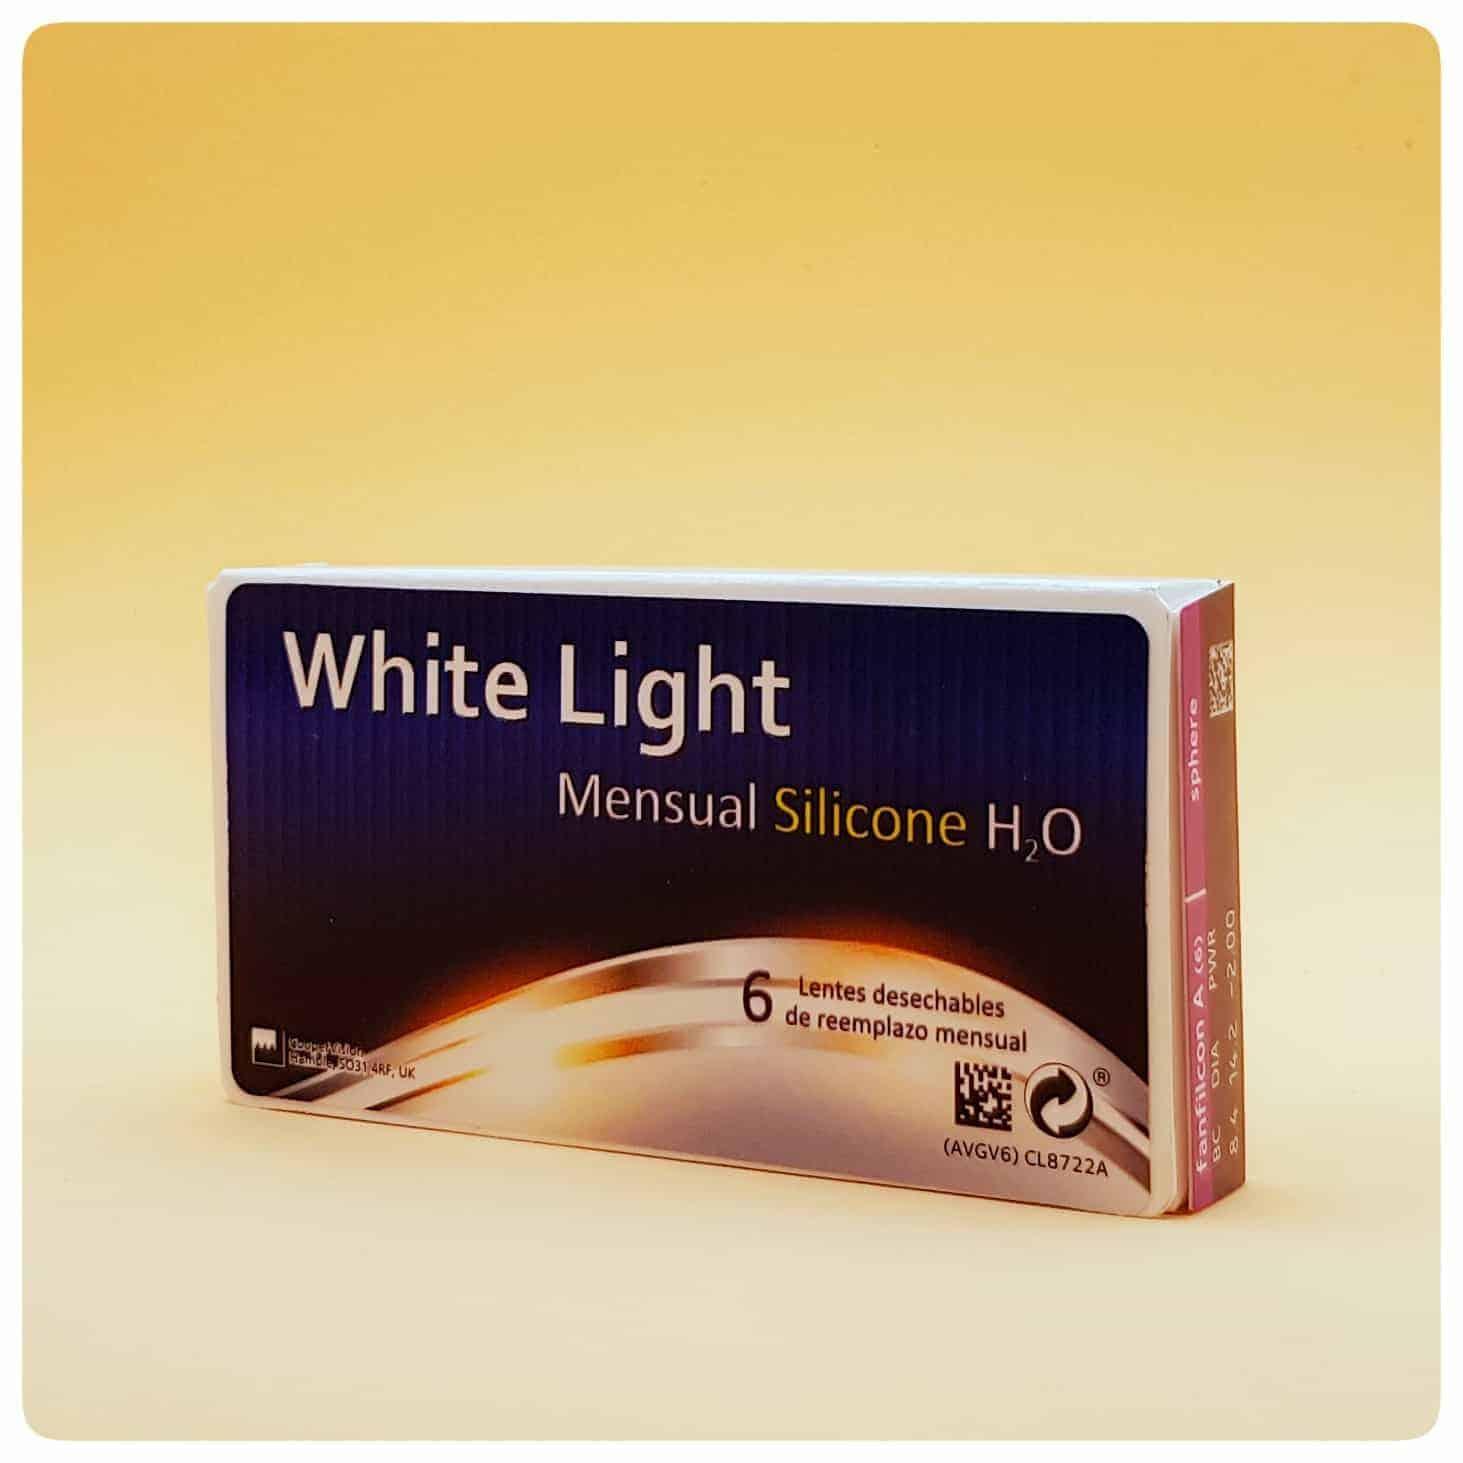 Lentillas White Light Silicone Mensual